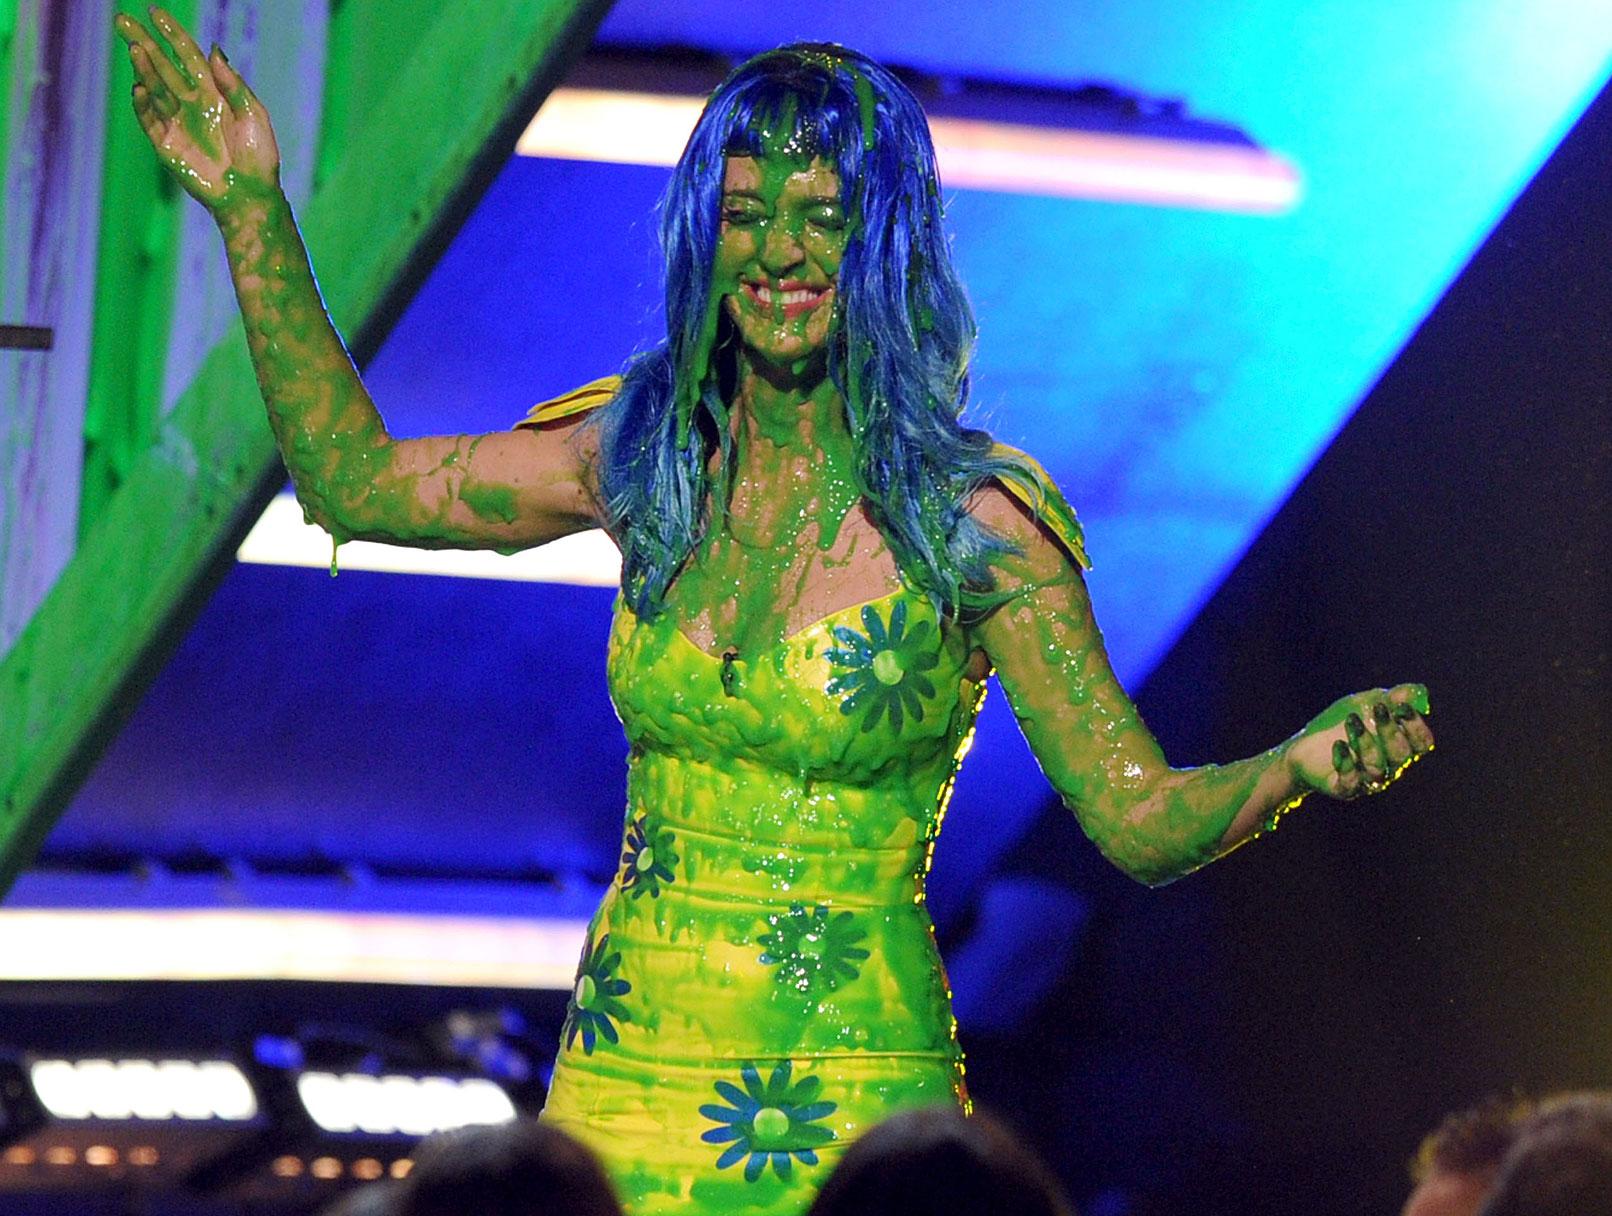 Very slime nudist teens pics adult pic